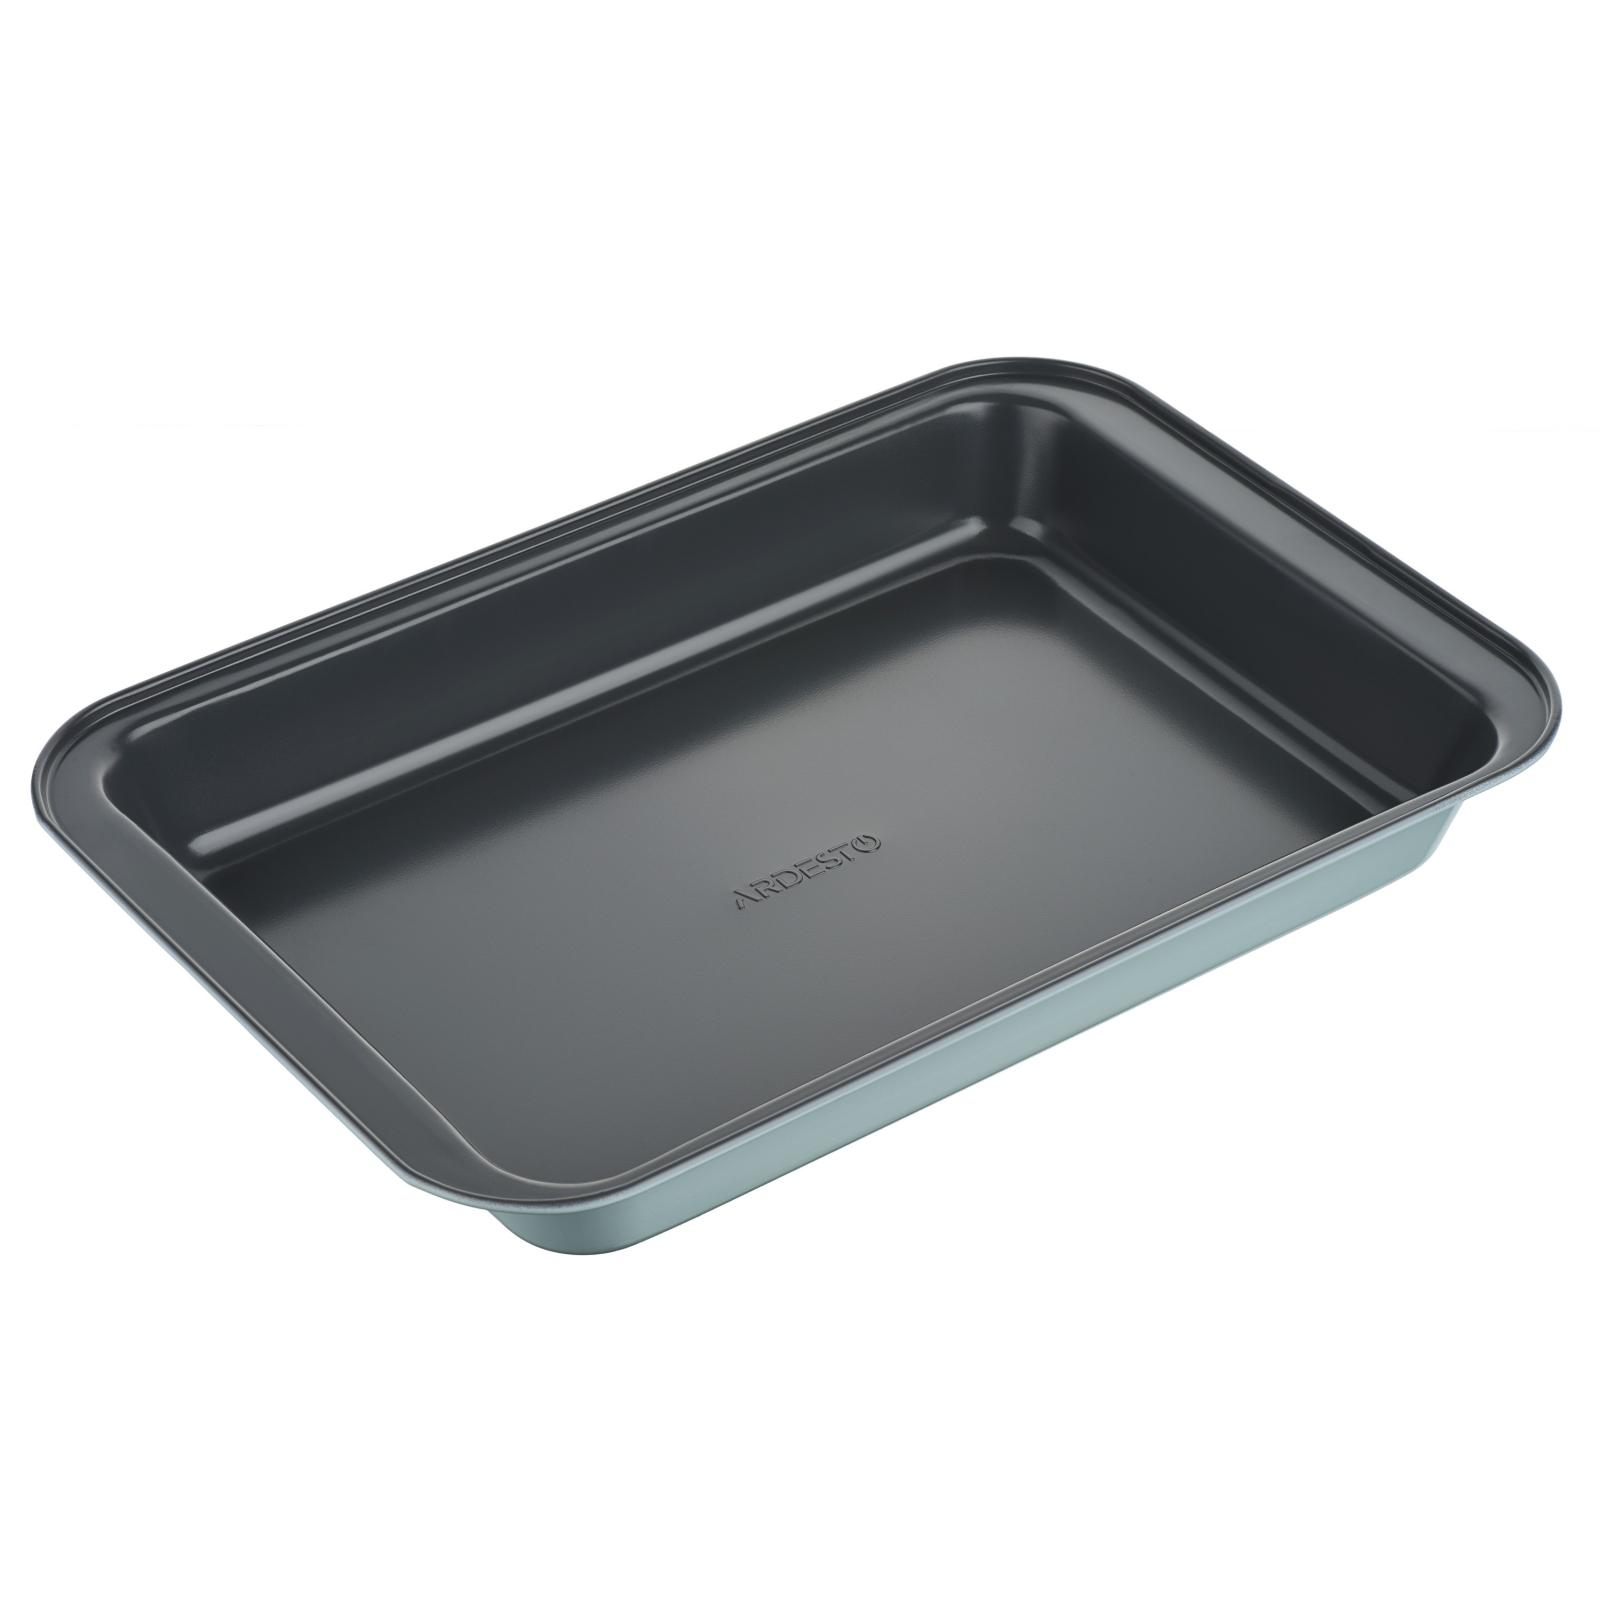 Форма для випікання Ardesto Tasty Baking прямокутна 37х25 см (AR2304T)